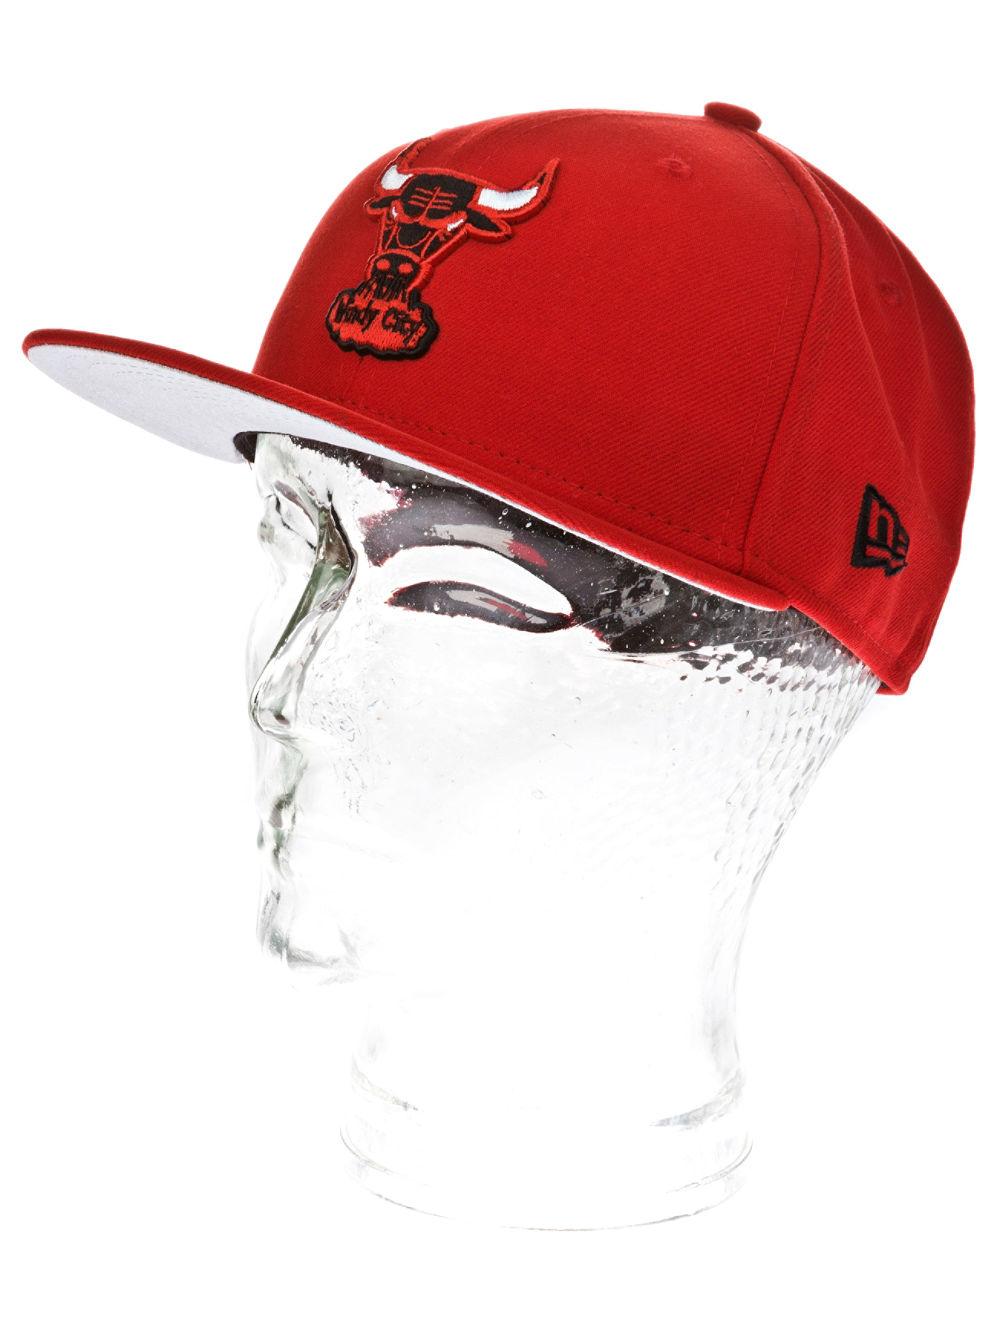 bfa8d83db4f New Era Red Bull Caps For Sale